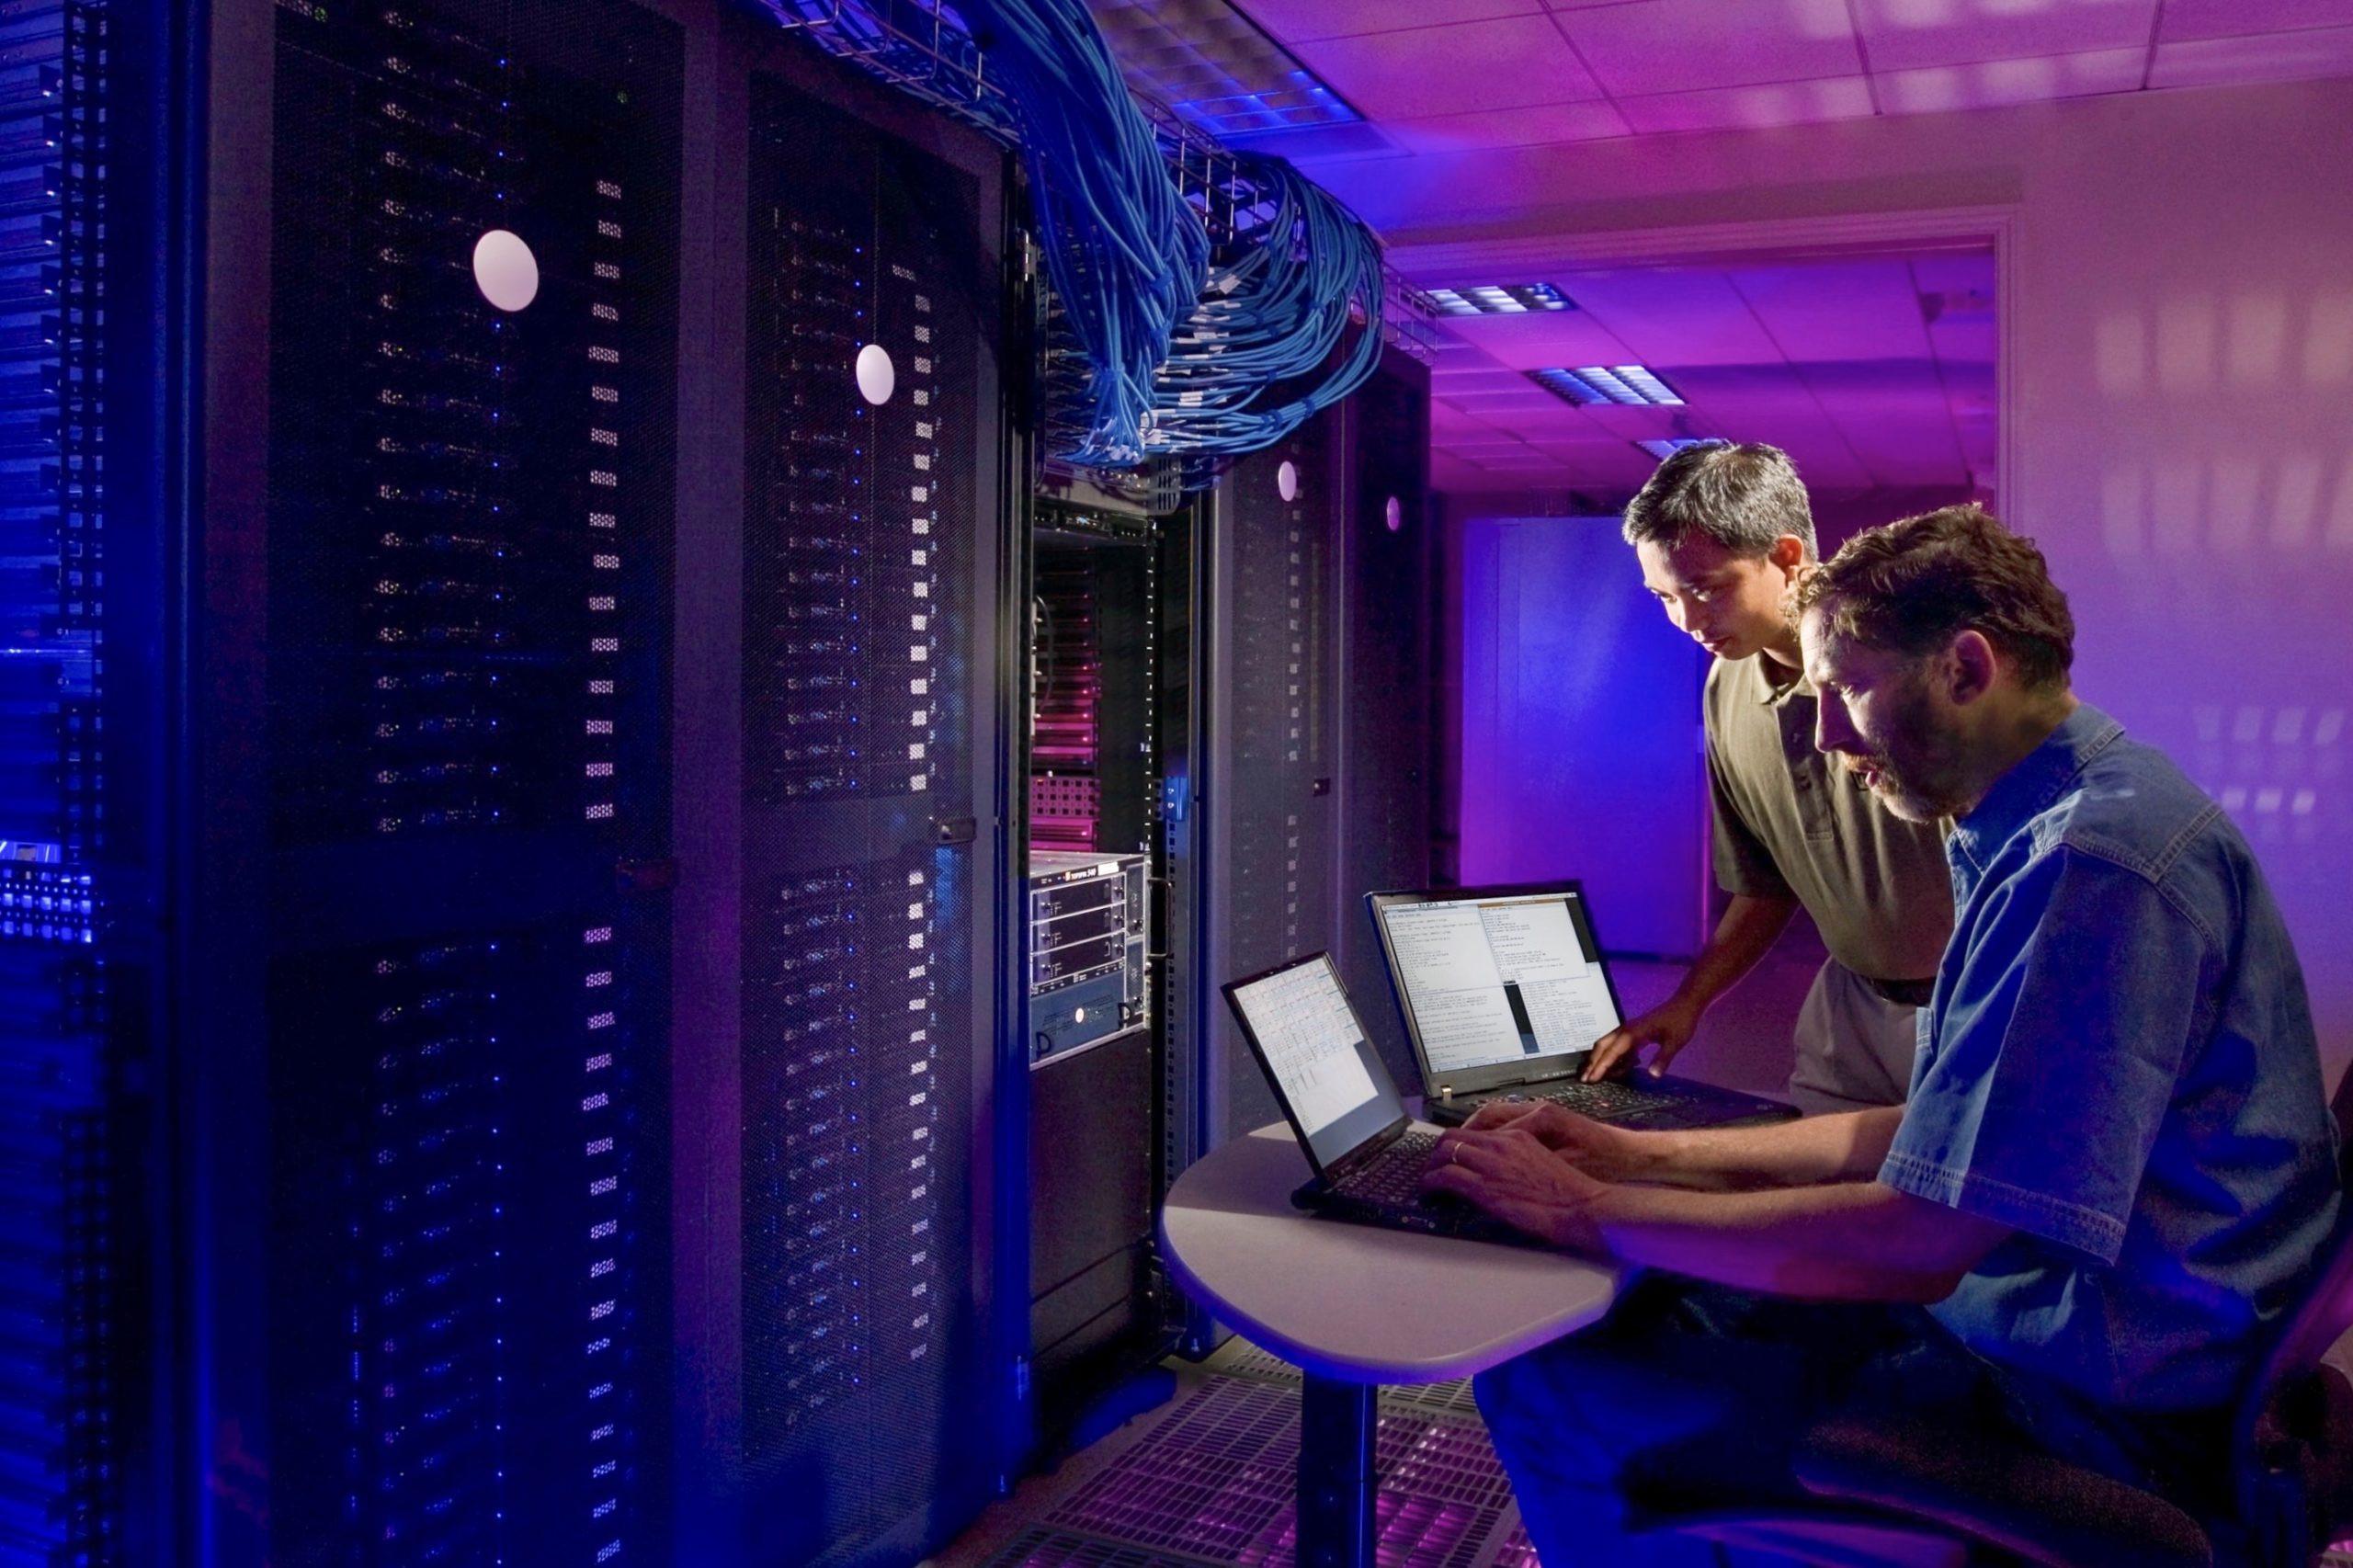 Центр компетенций НТИ по большим данным. Национальный центр цифровой экономики МГУ